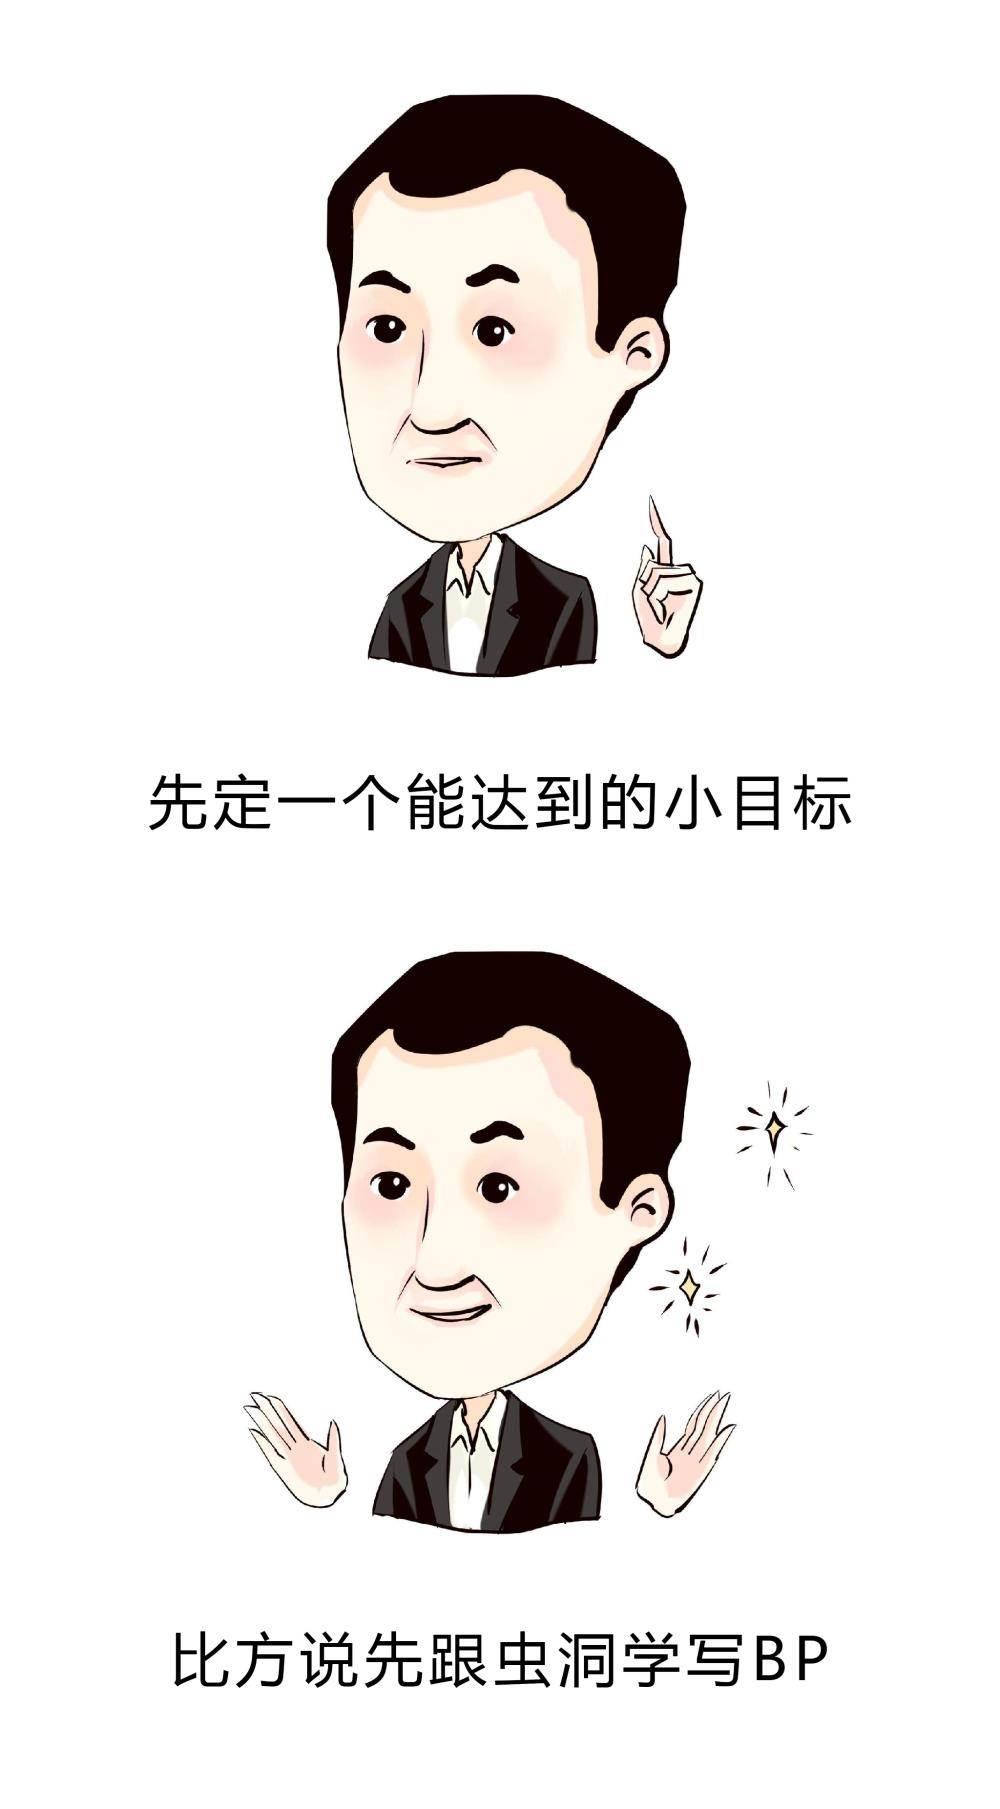 动漫 卡通 漫画 素材 头像 1000_1809 竖版 竖屏